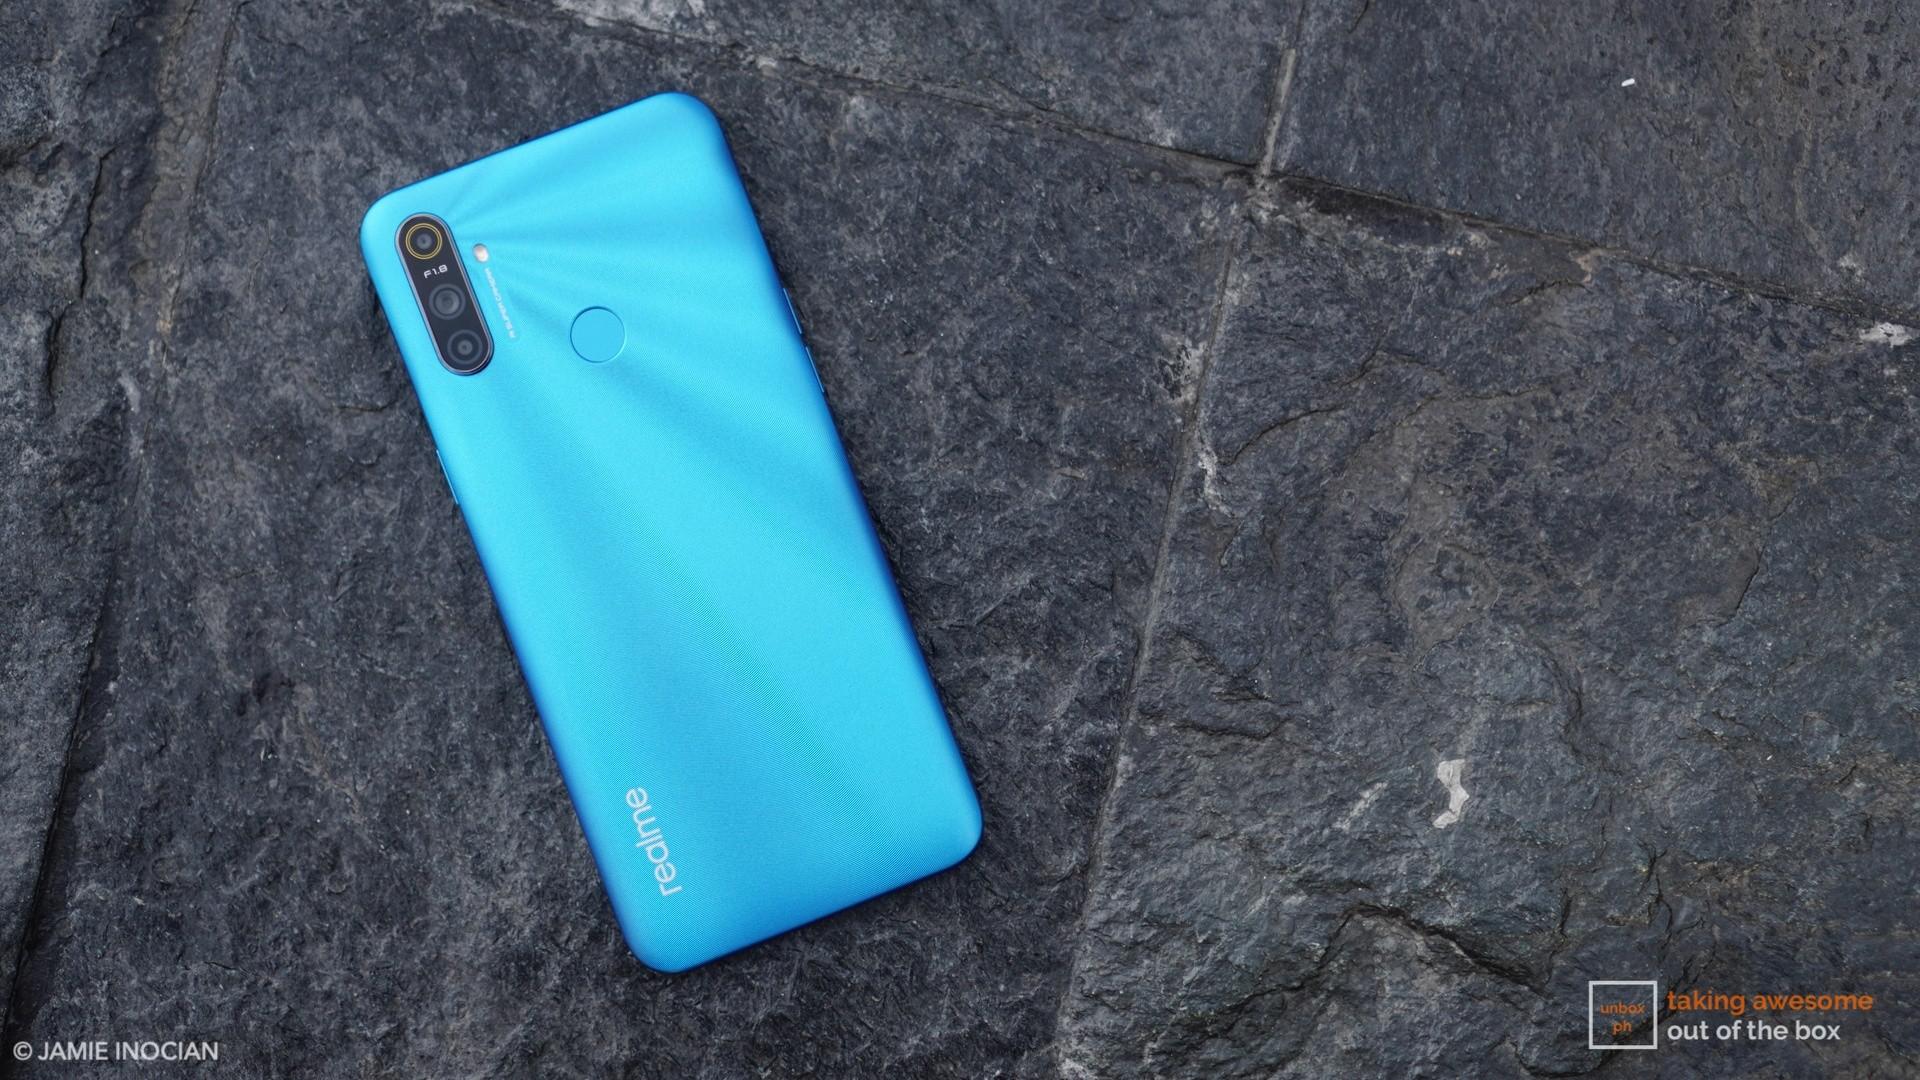 Budget Phone Fight: Realme C3 vs Redmi Note 8